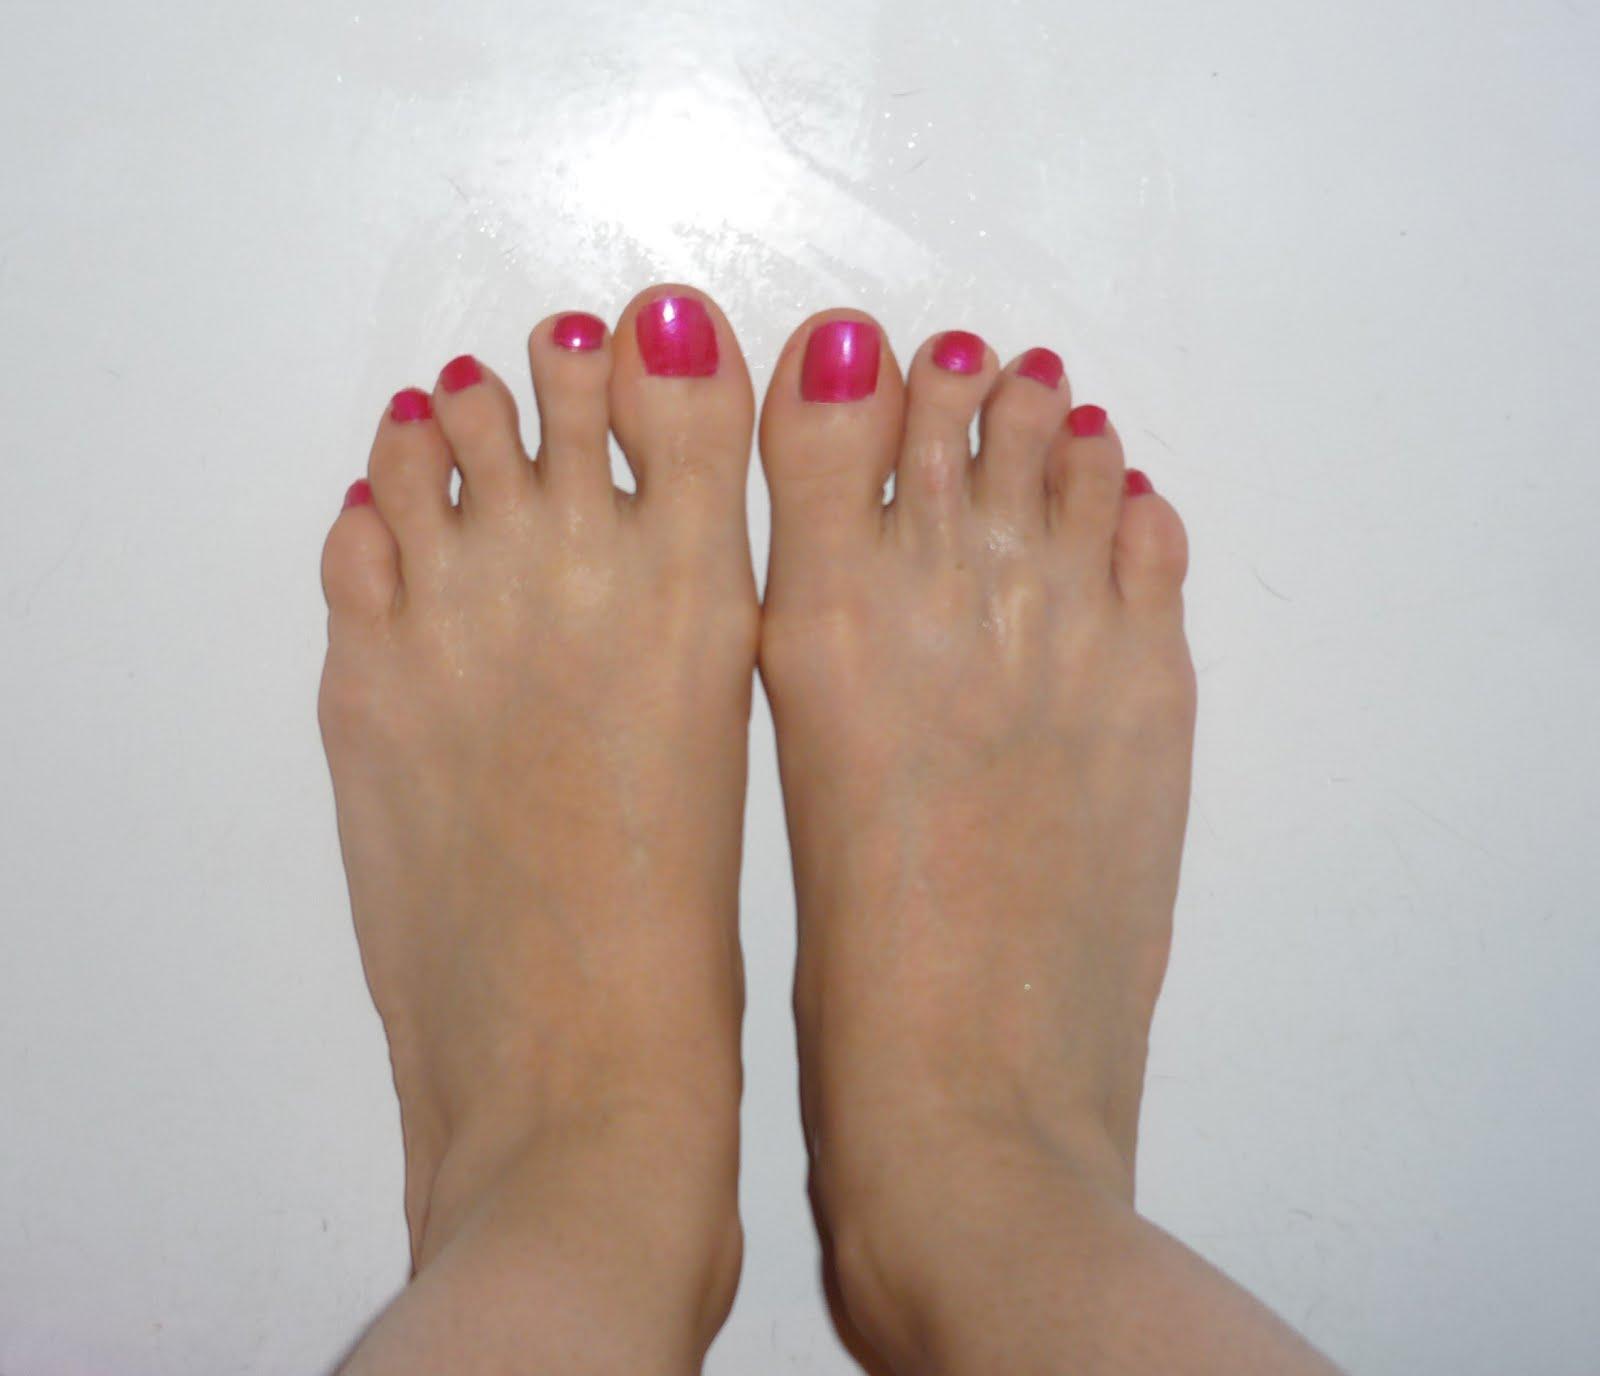 My Toe Shortening Surgery And Hammertoe (Hammer Toe